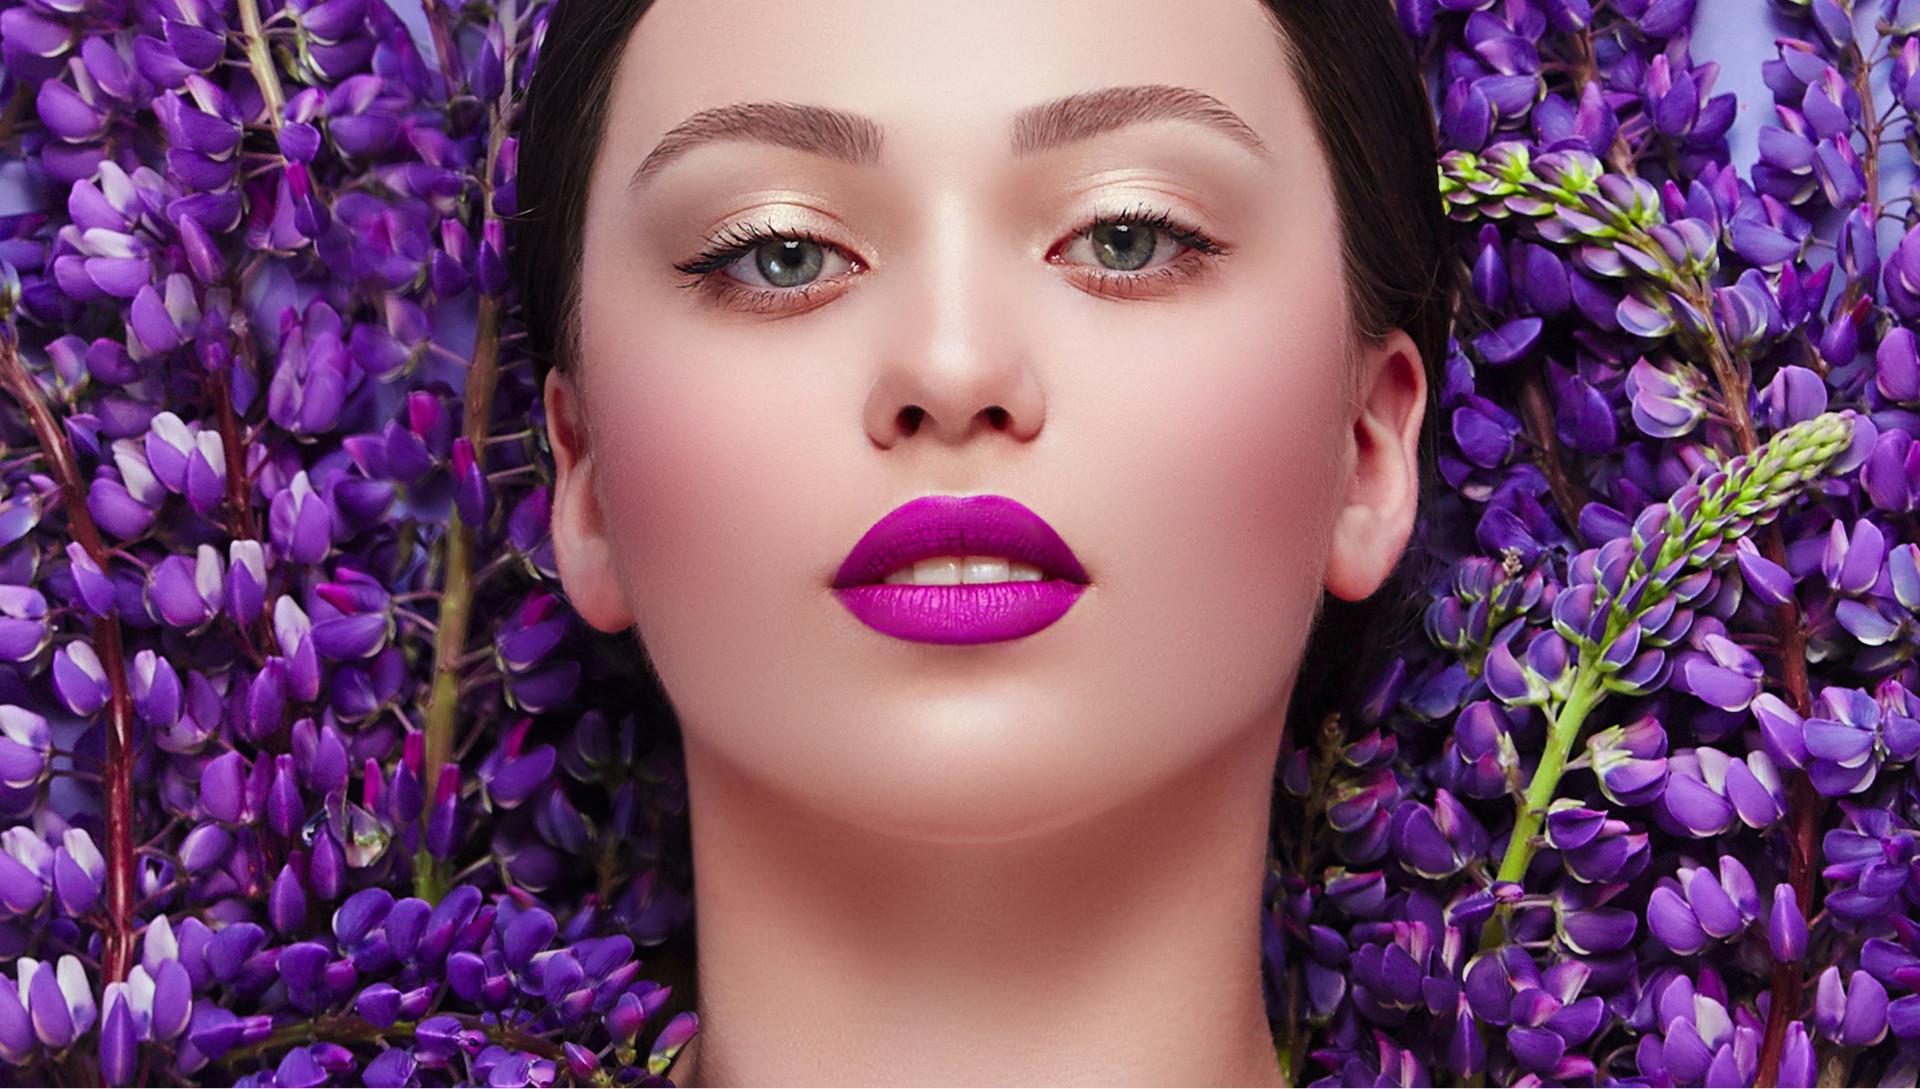 The purple peel